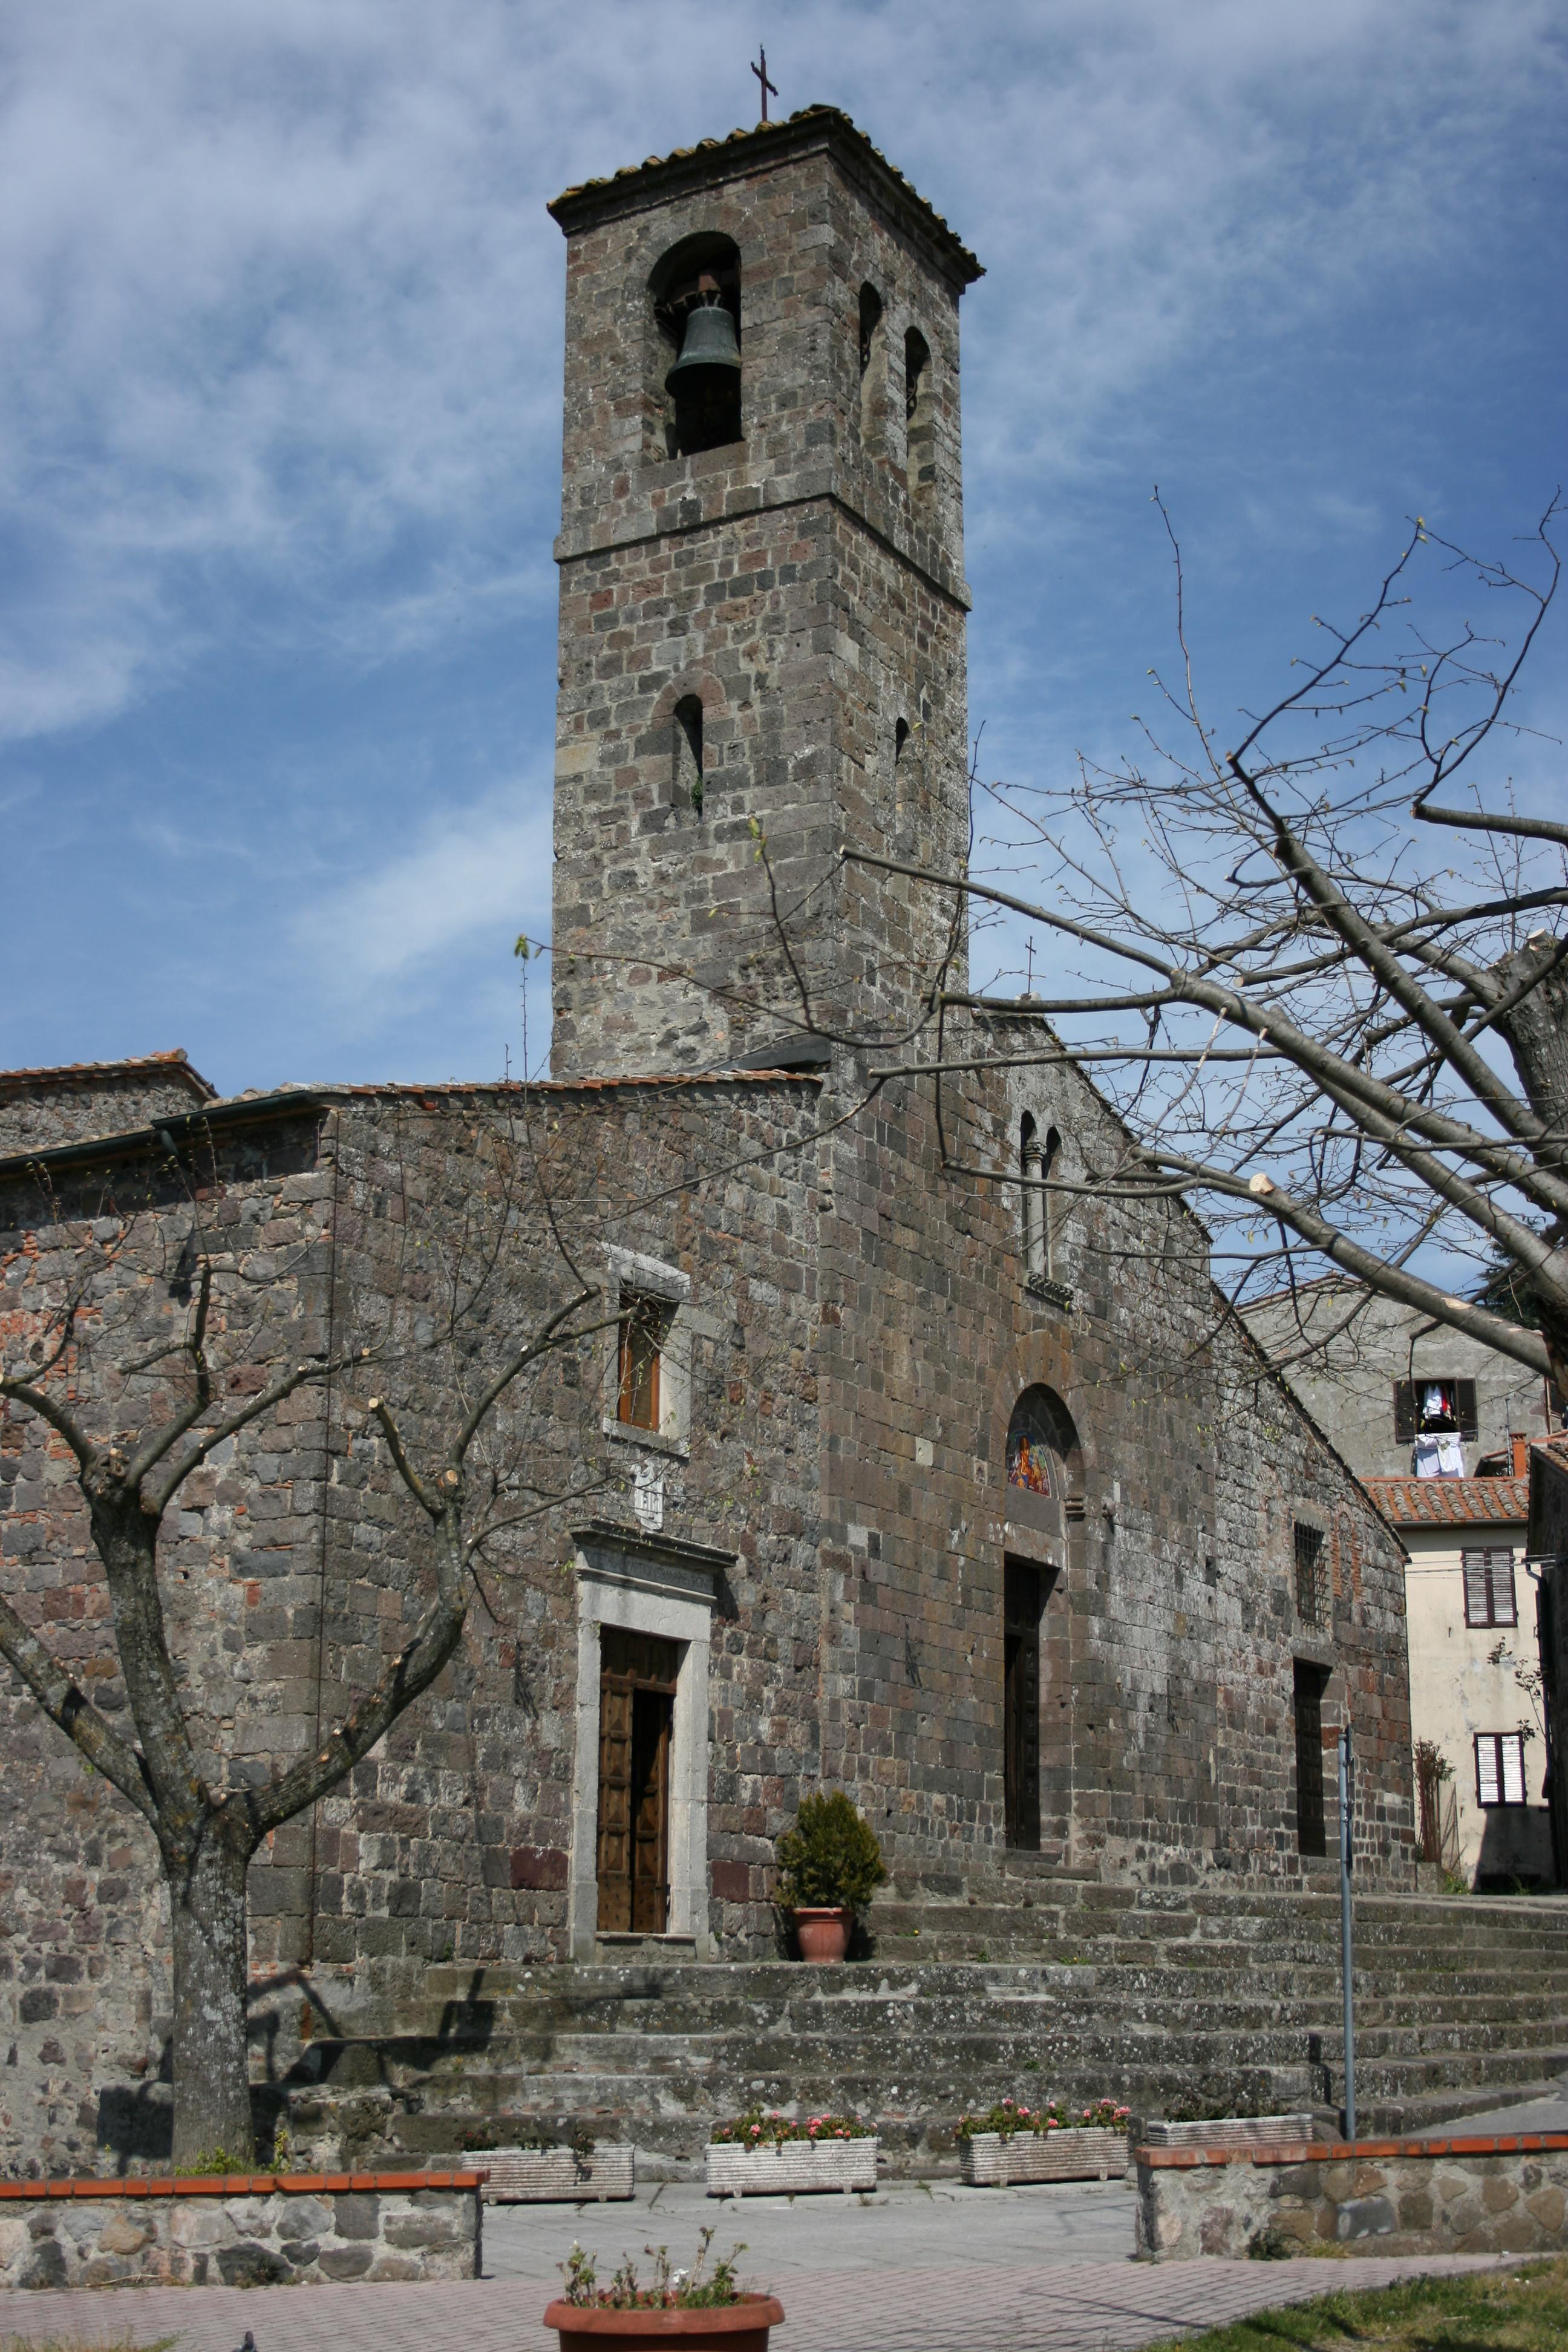 Radicofani Italy  city photo : San pietro radicofani 1 Wikimedia Commons